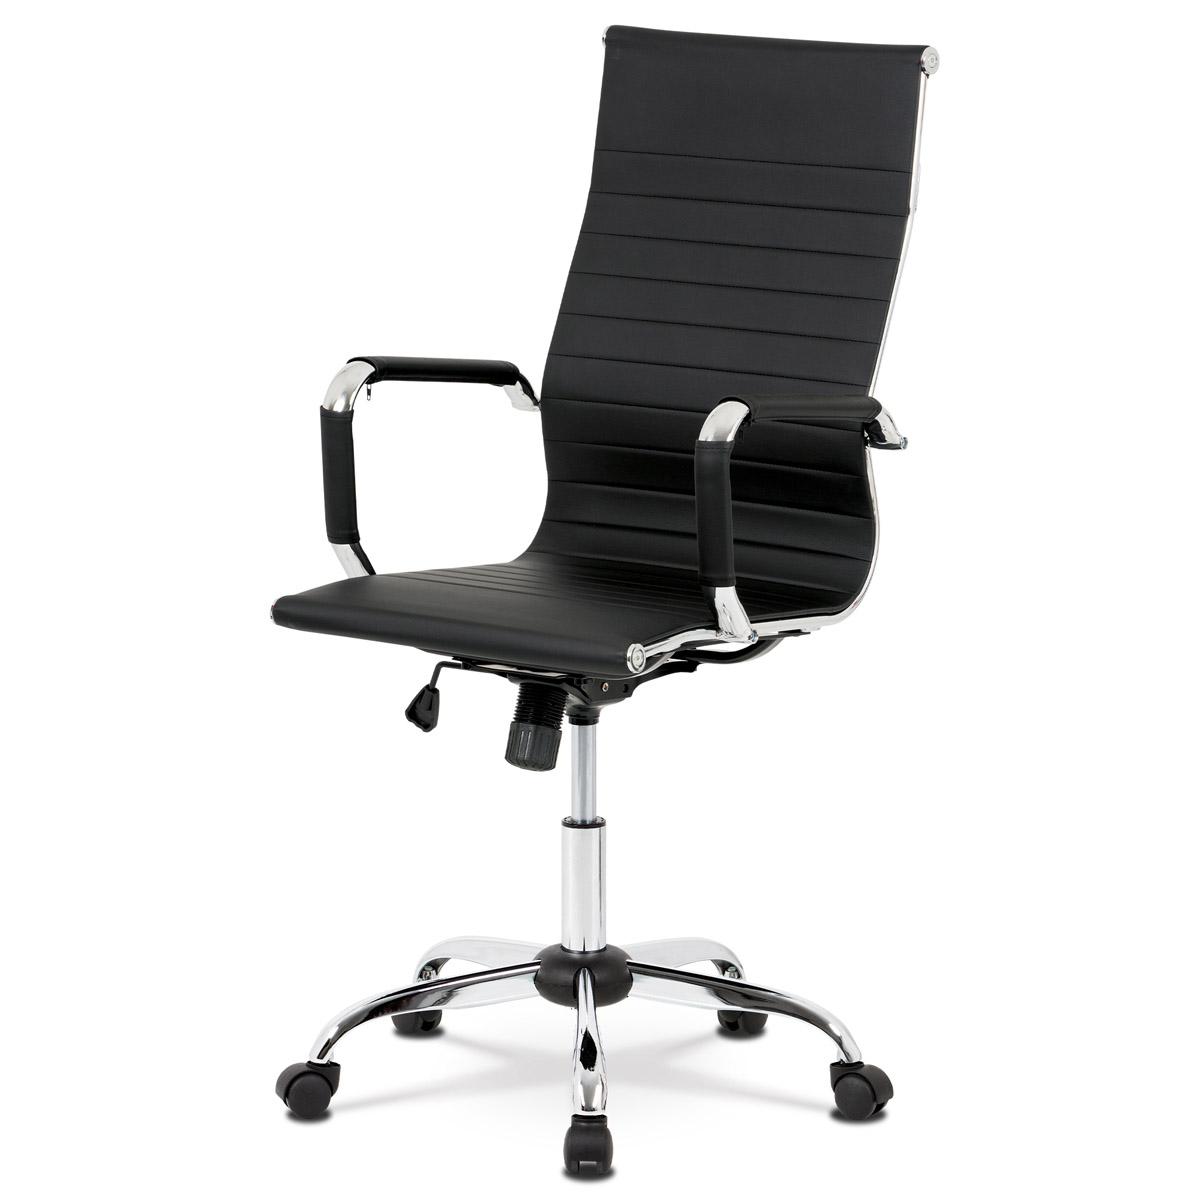 Autronic - Kancelářská židle, černá ekokůže, houpací mech, kříž chrom - KA-V305 BK